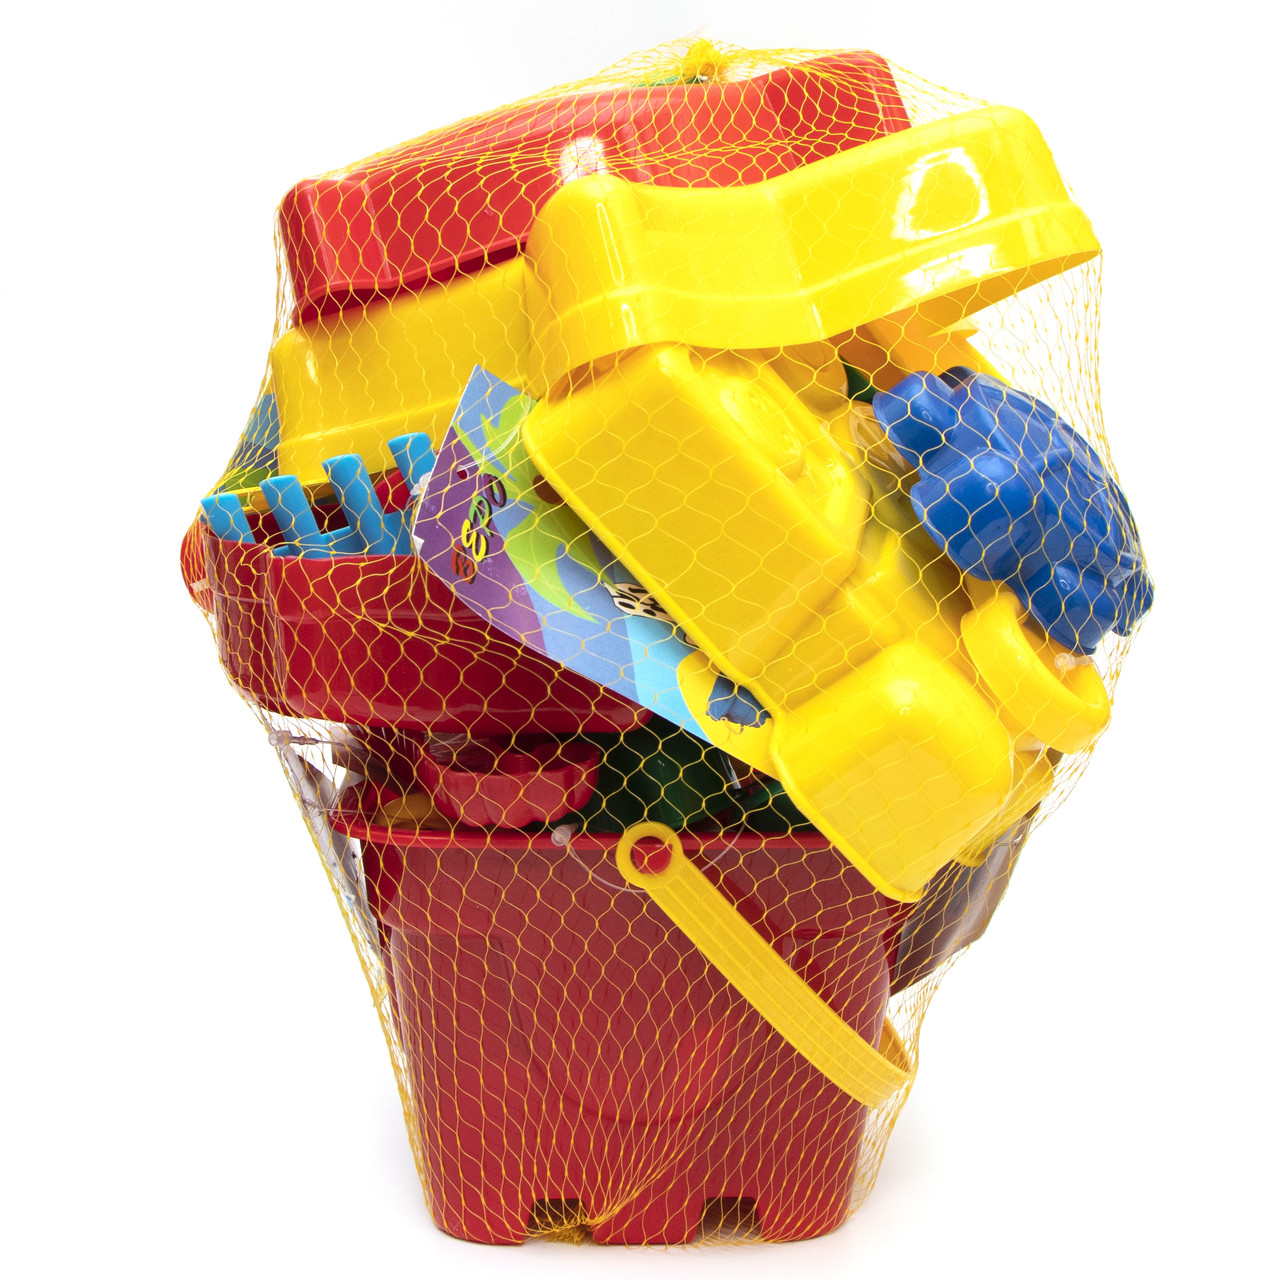 Великий пісочний набір - Jiahe Plastic, 22 шт, сітка, різнокольоровий, пластик (JH001)